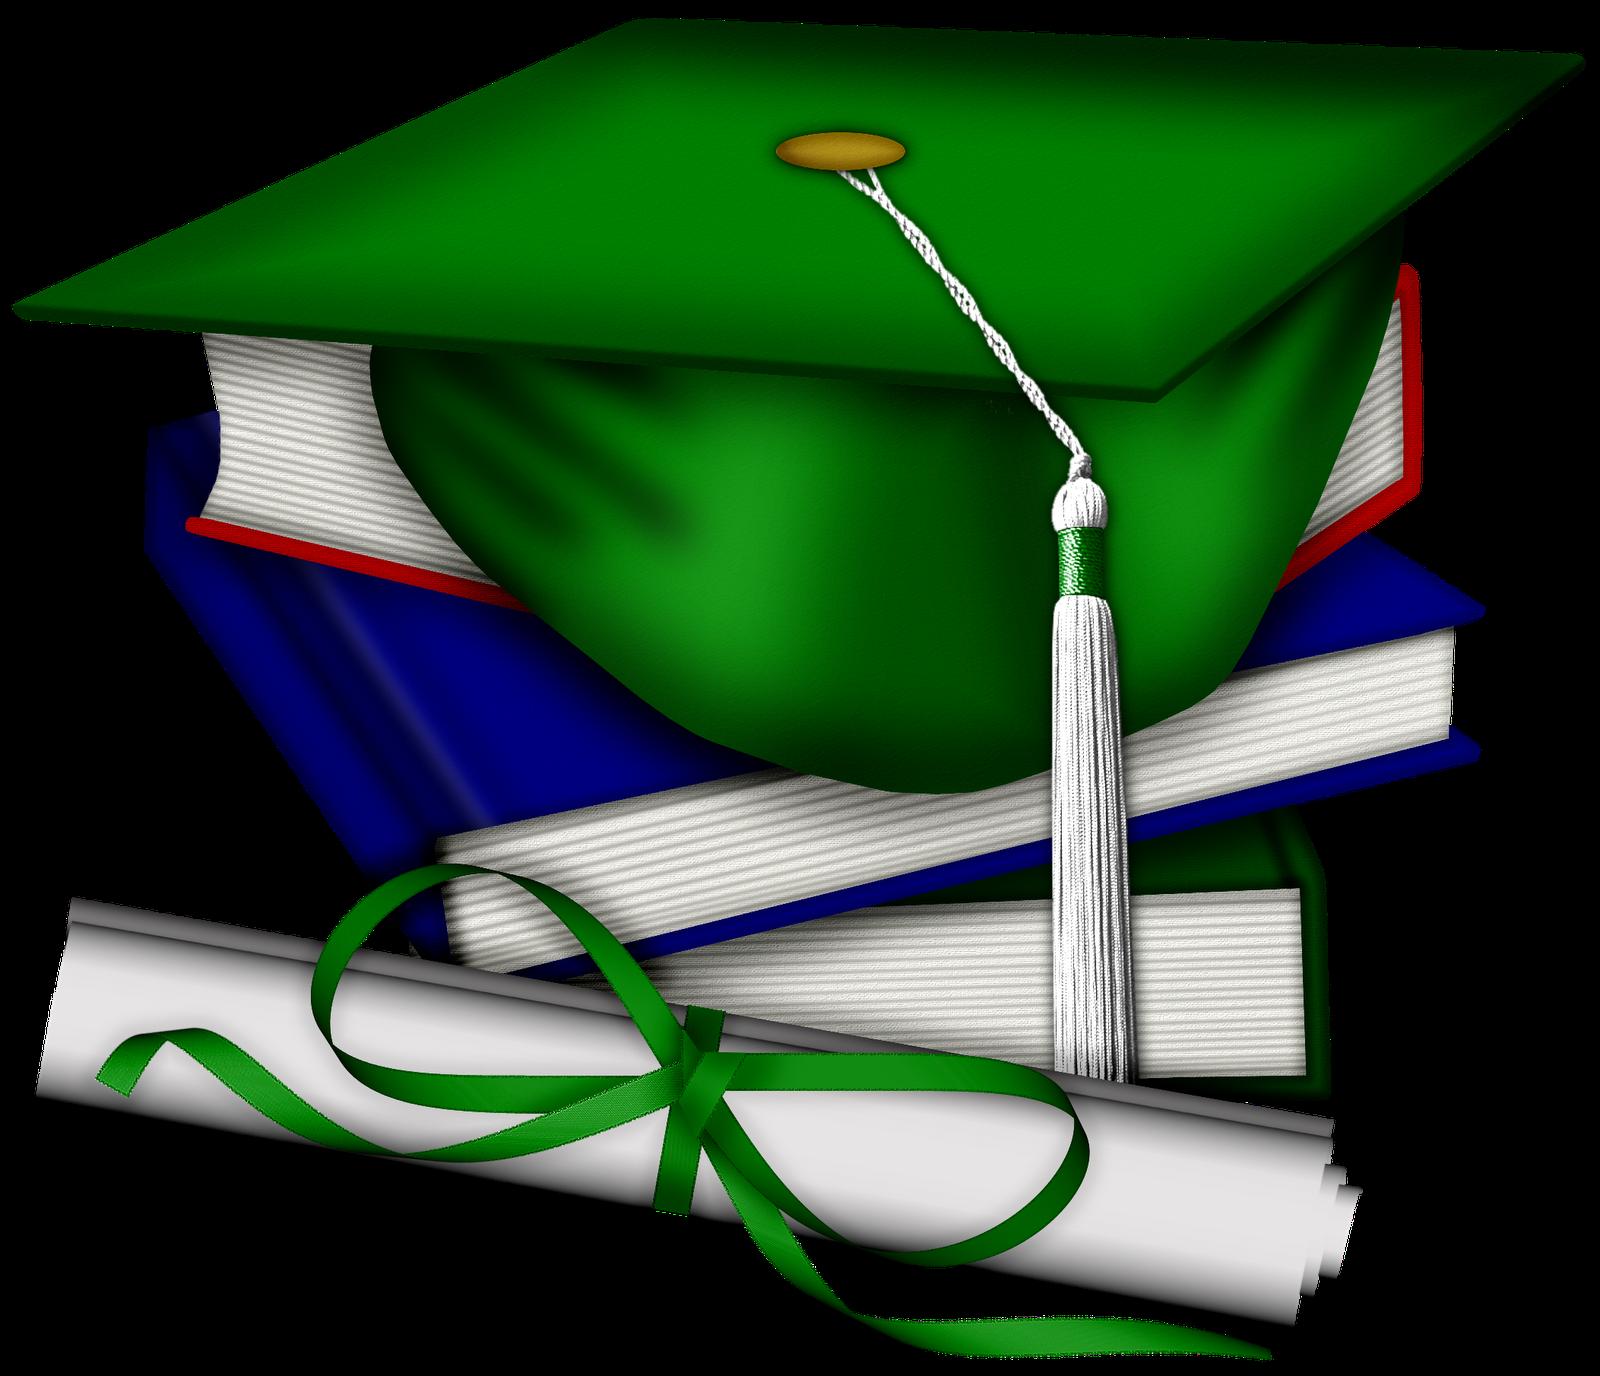 Graduation clipart backdrop. Escola formatura pinterest psp